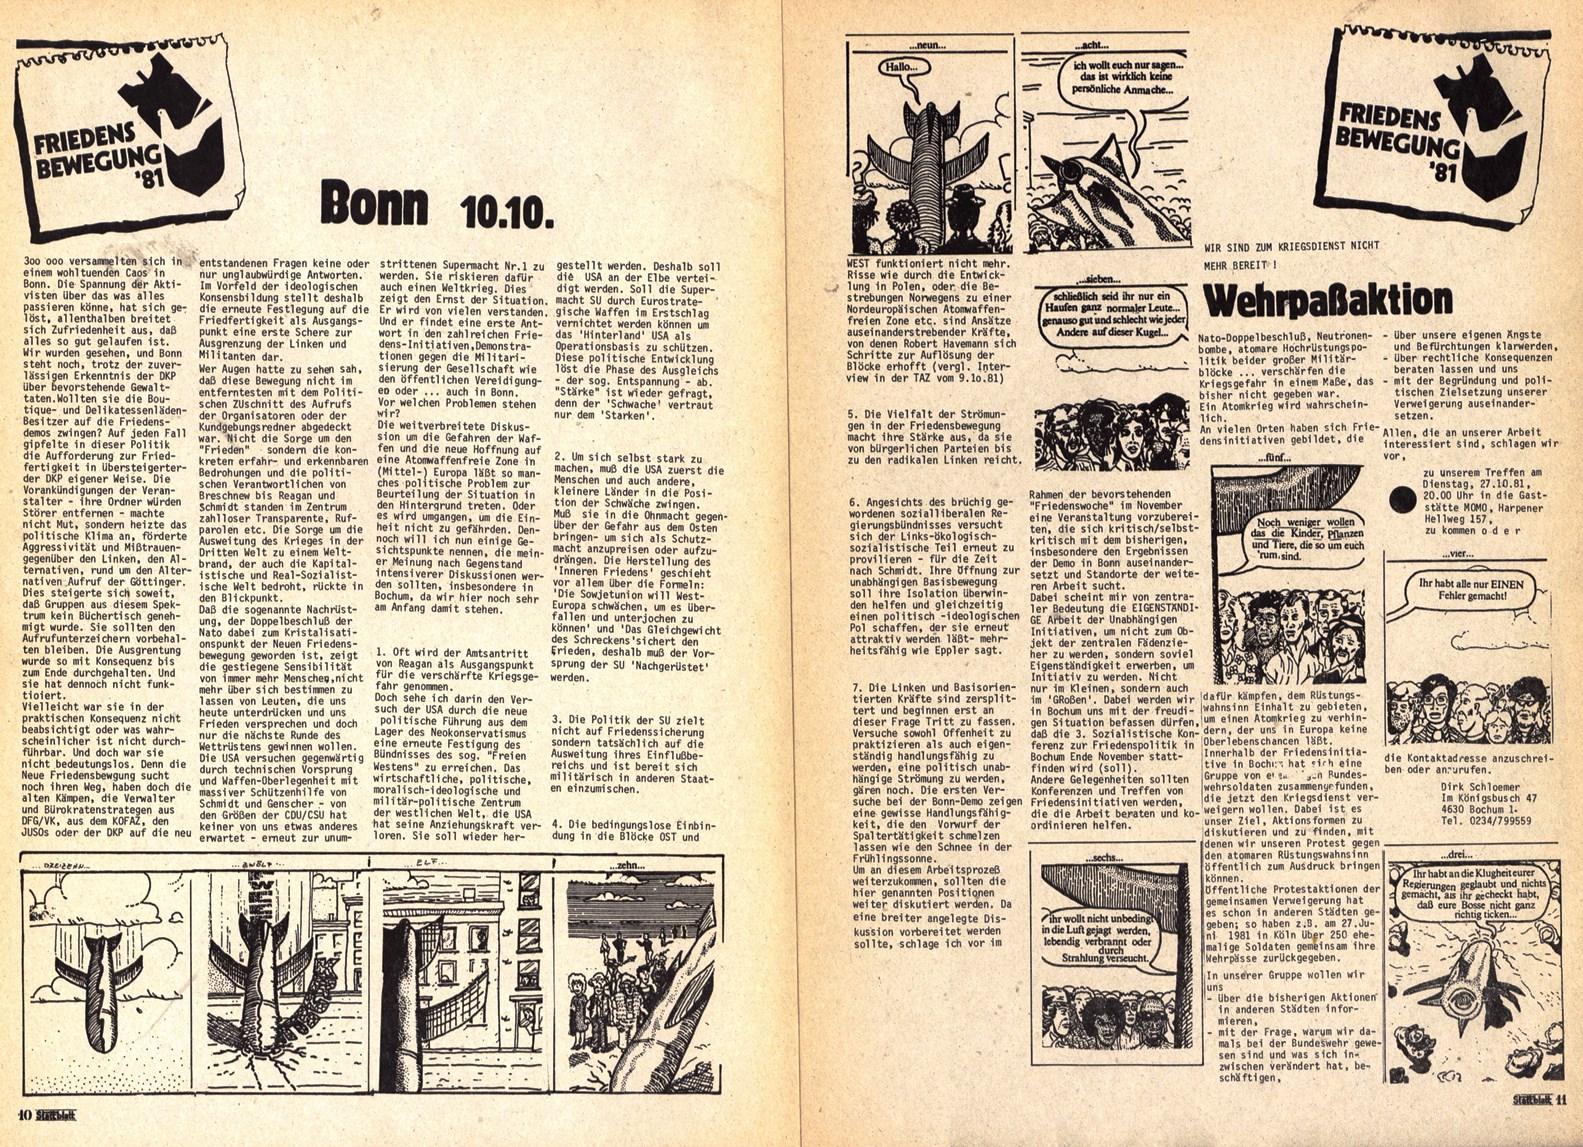 Bochum_Stattblatt_19811000_51_10